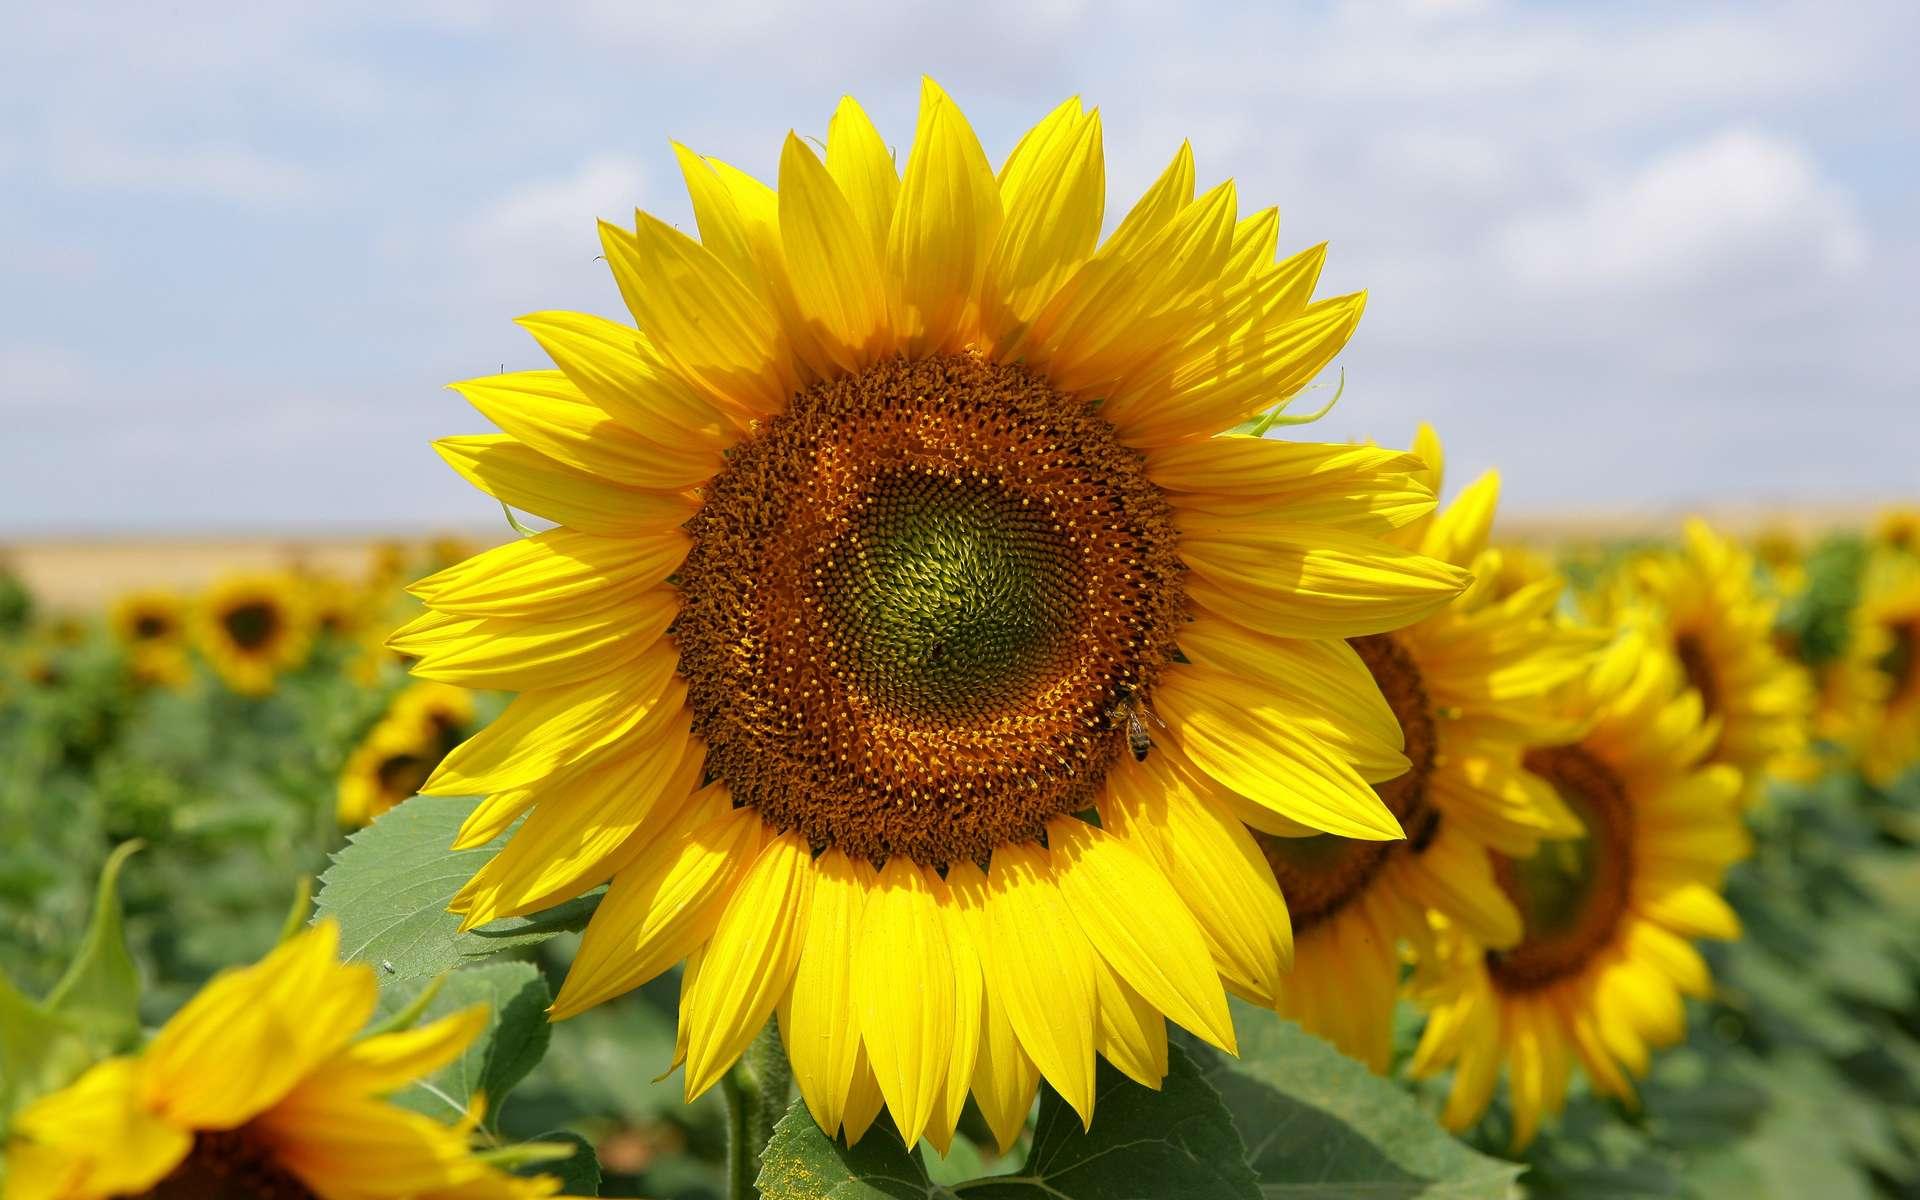 Le tournesol est utilisé pour ses bienfaits en cuisine comme en phytothérapie. © Phovoir